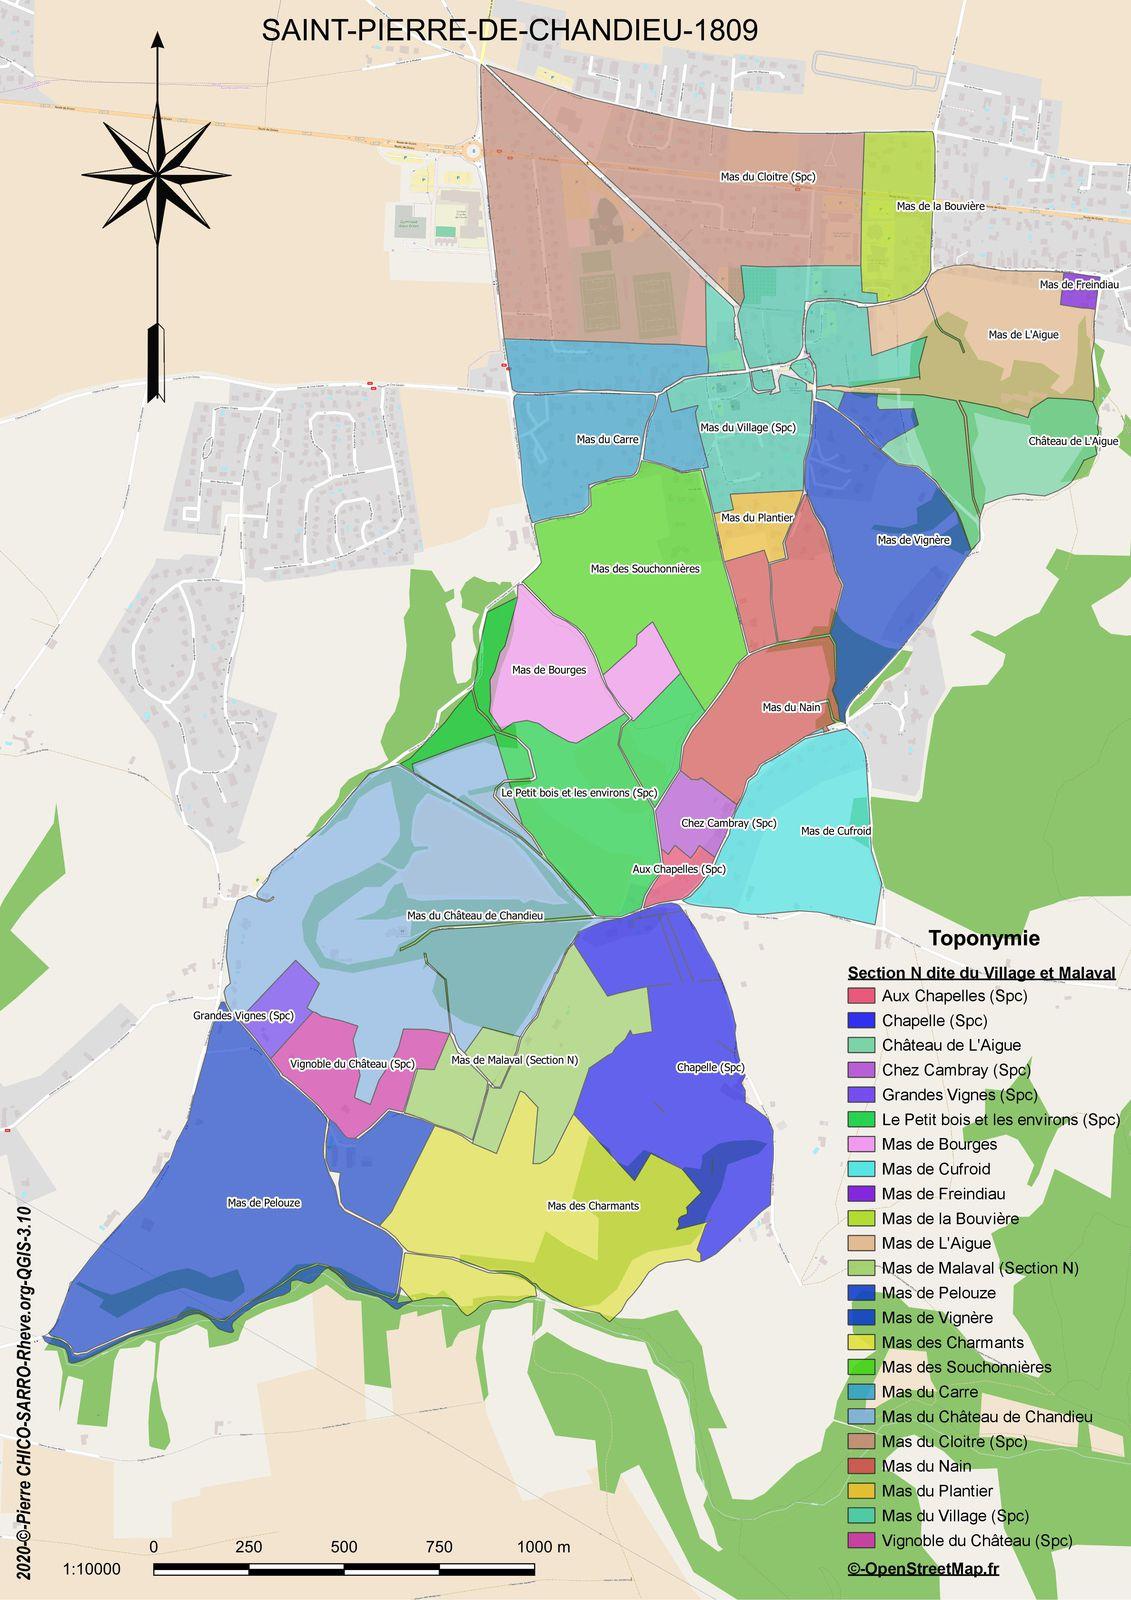 Carte de la localisation des toponymes dans la section N dite du Village et Malaval à Saint-Pierre-Chandieu en 1810